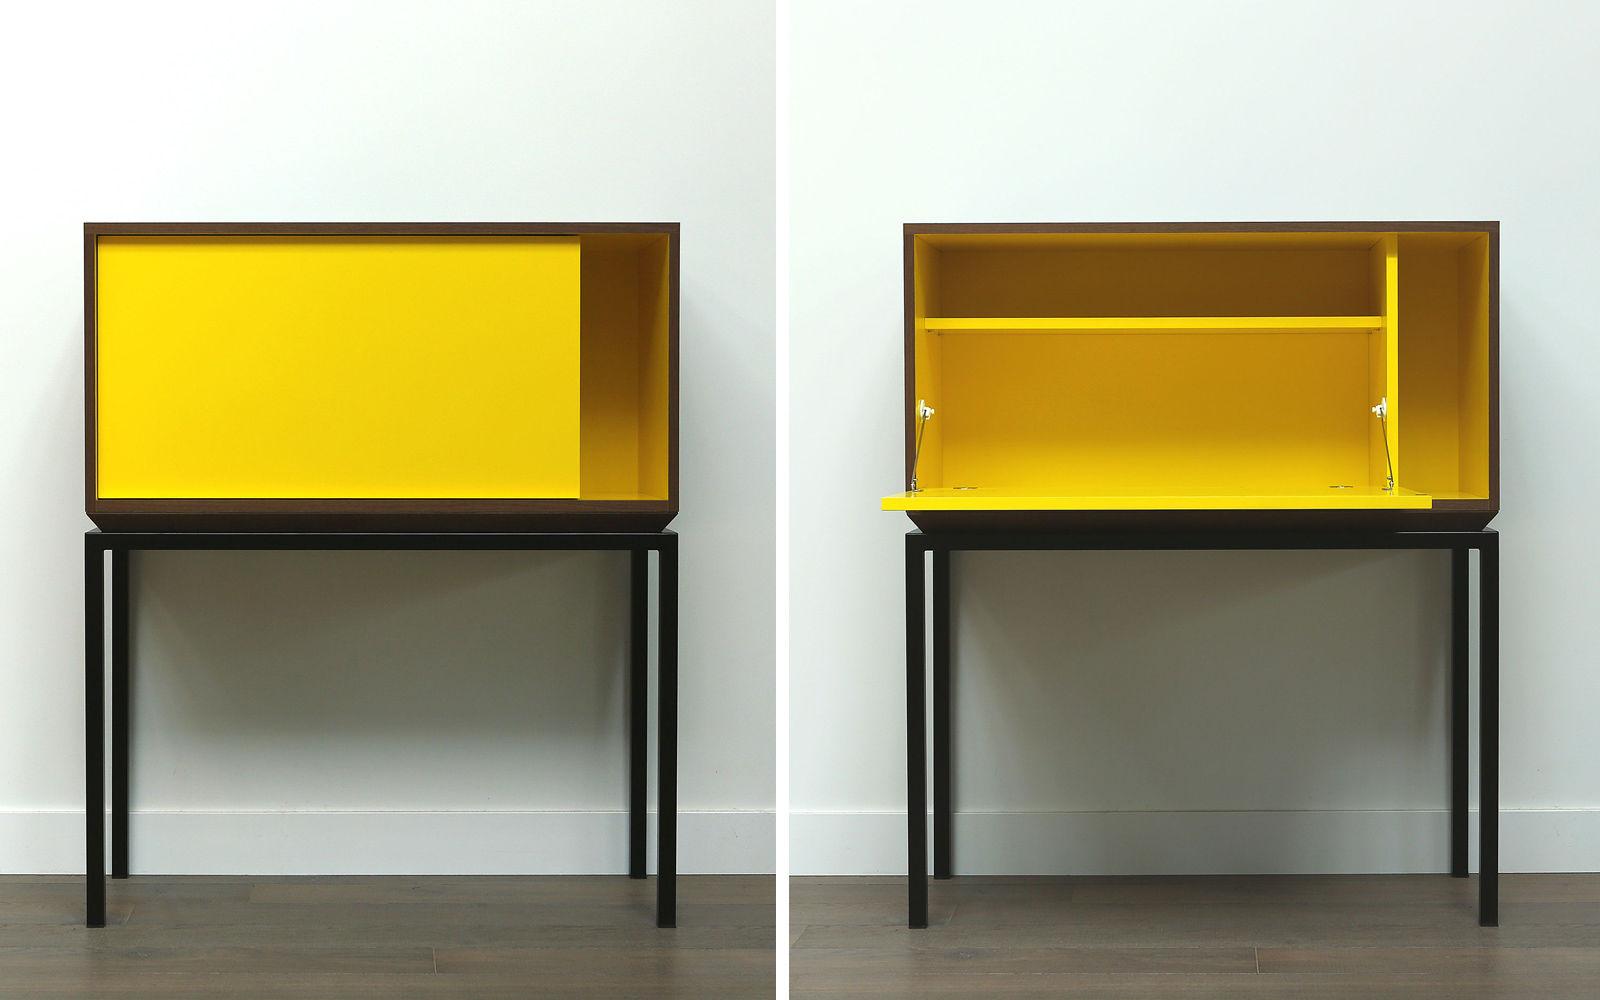 meuble secrétaire contemporain / en bois - my city by laurent ... - Secretaire Meuble Design